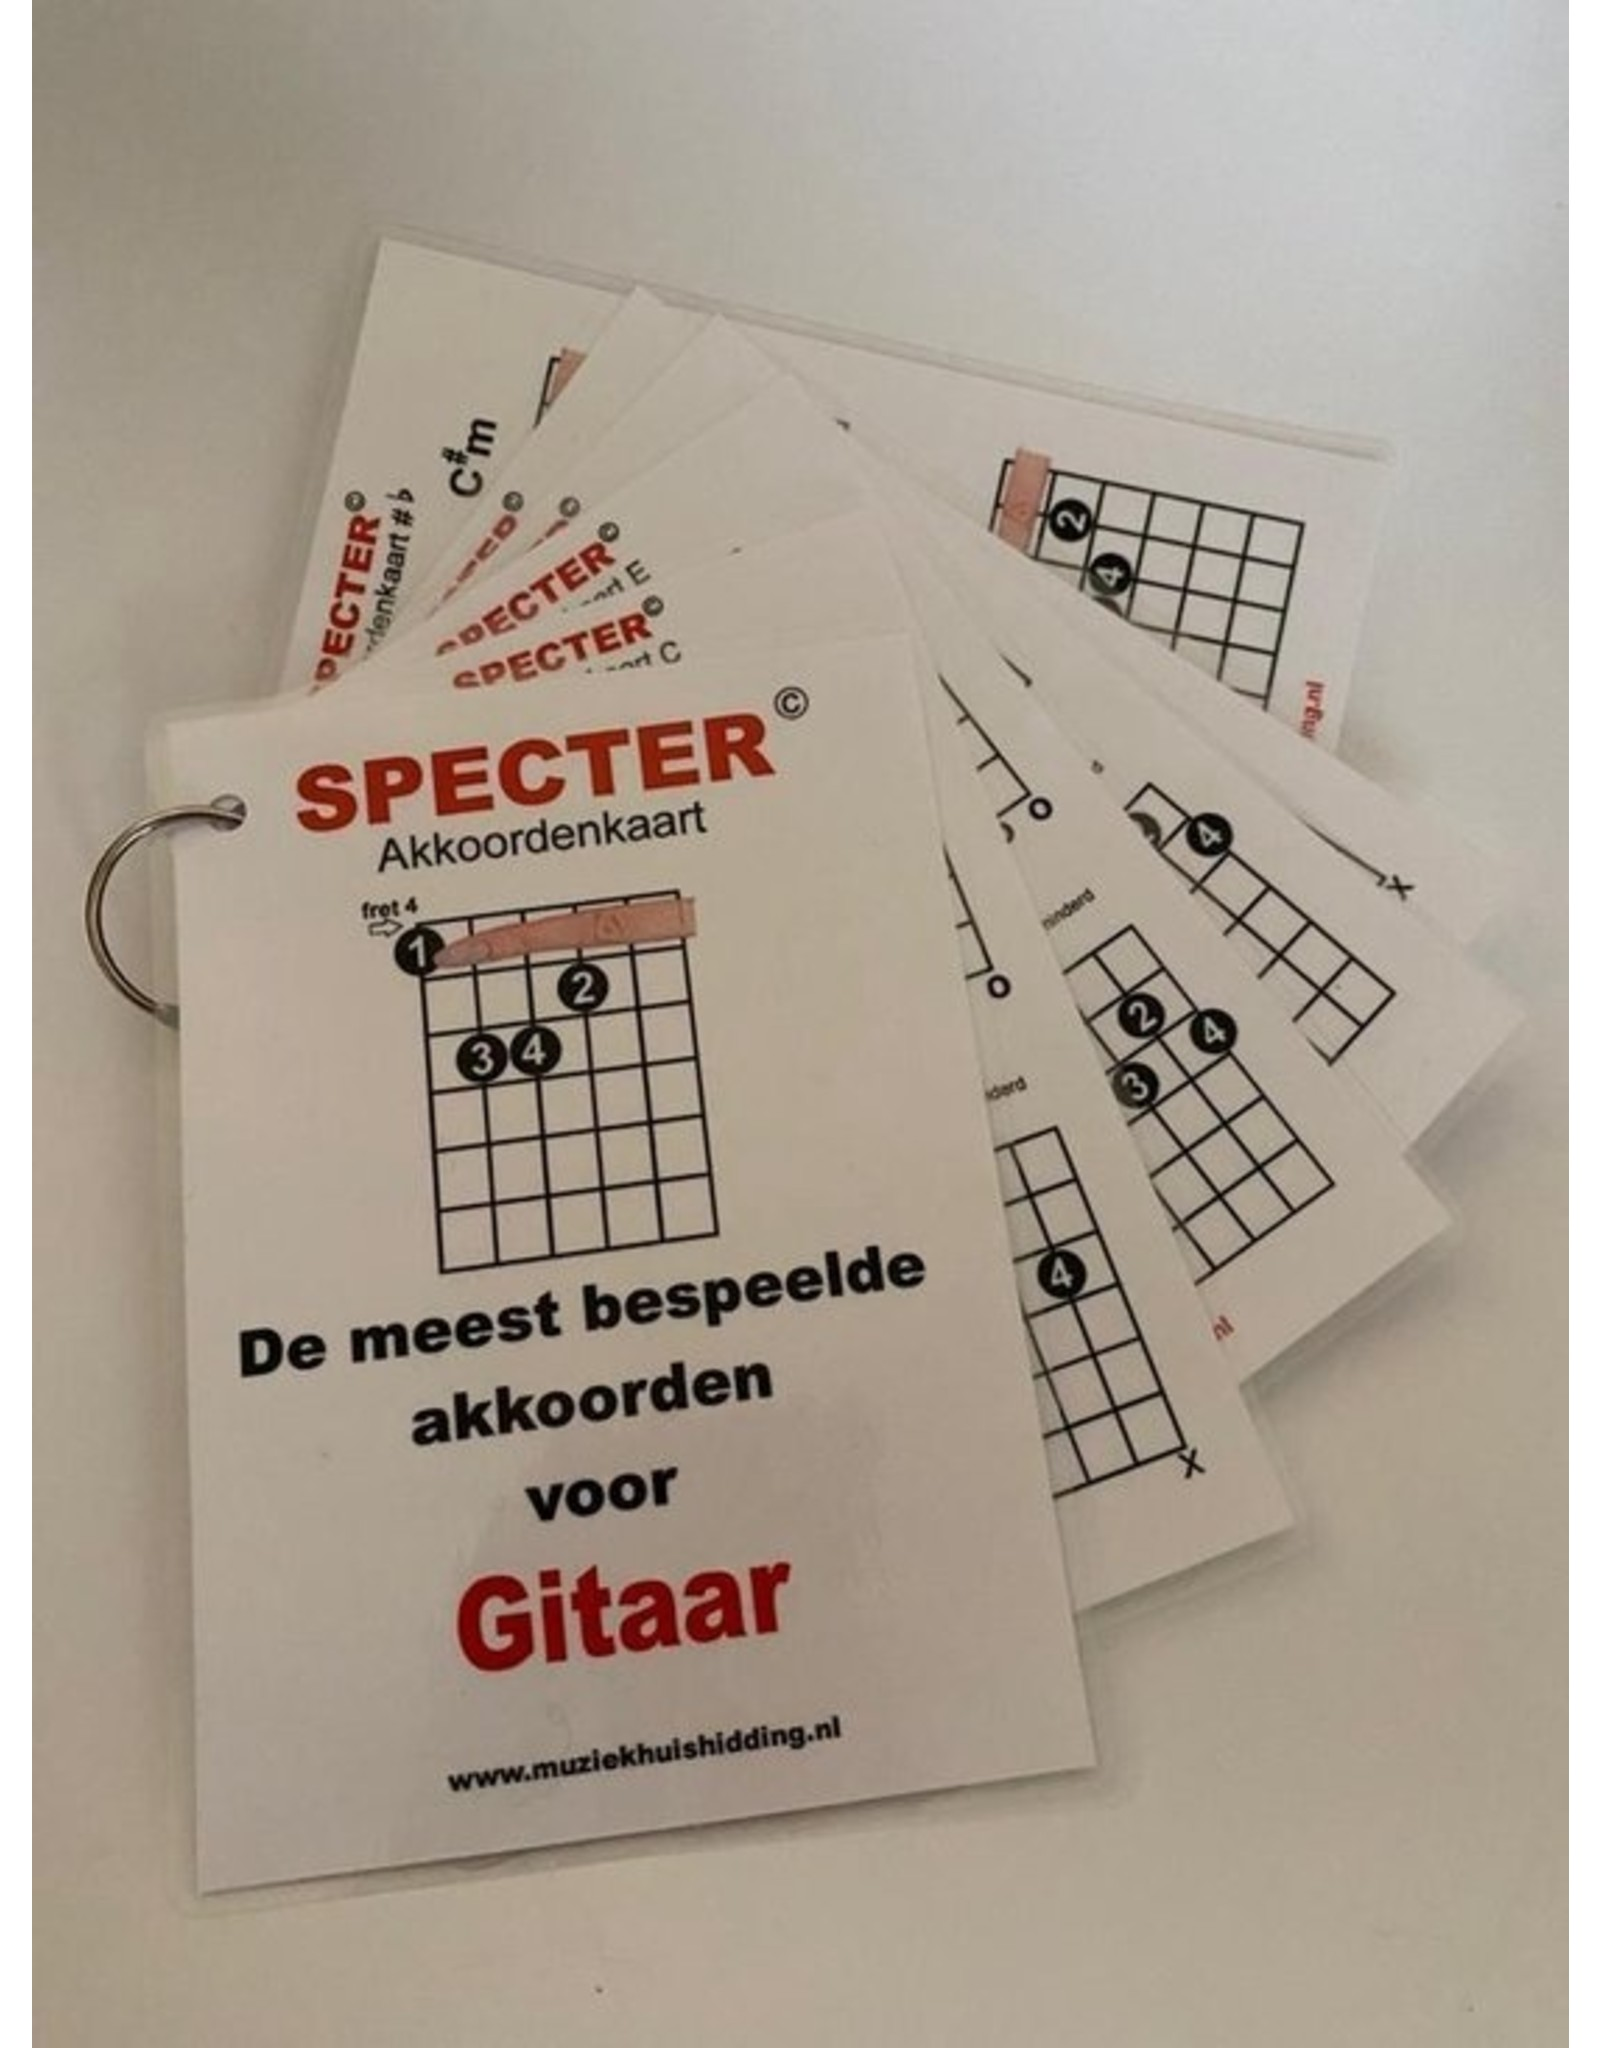 Specter Akkoorden - de meest bespeelde akkoorden voor gitaar